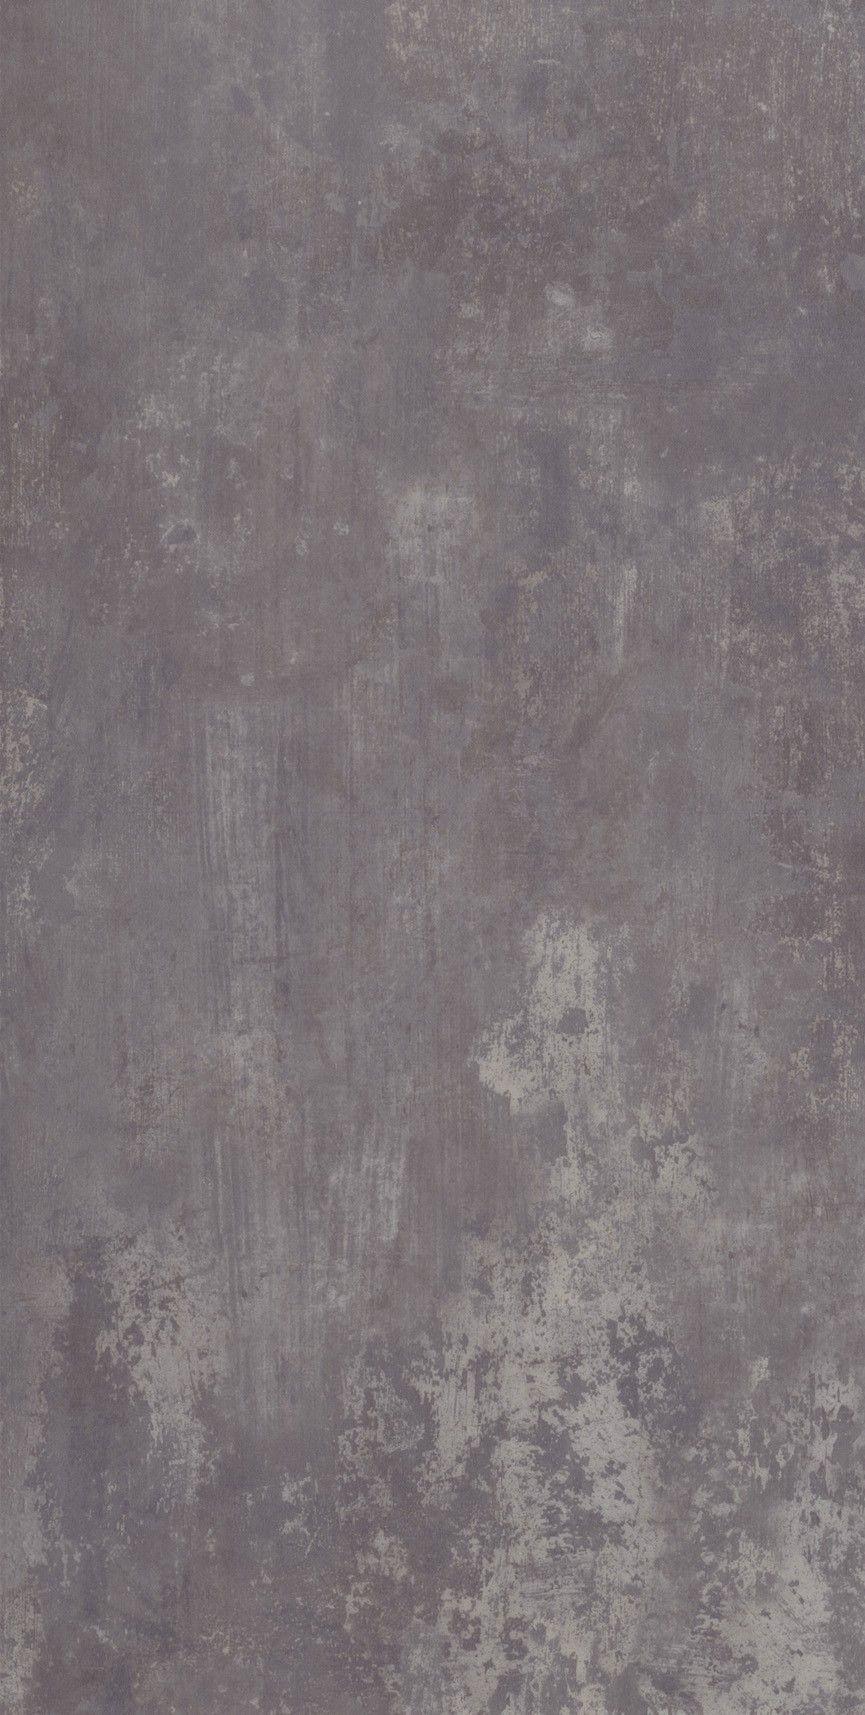 Klick Vinyl Fliesen Stone Molise Ns 0 5 Mm Nk 33 42 Format 605 X 304 8 X 5 Mm Vinyl Fliesen Vinylboden Fliesen